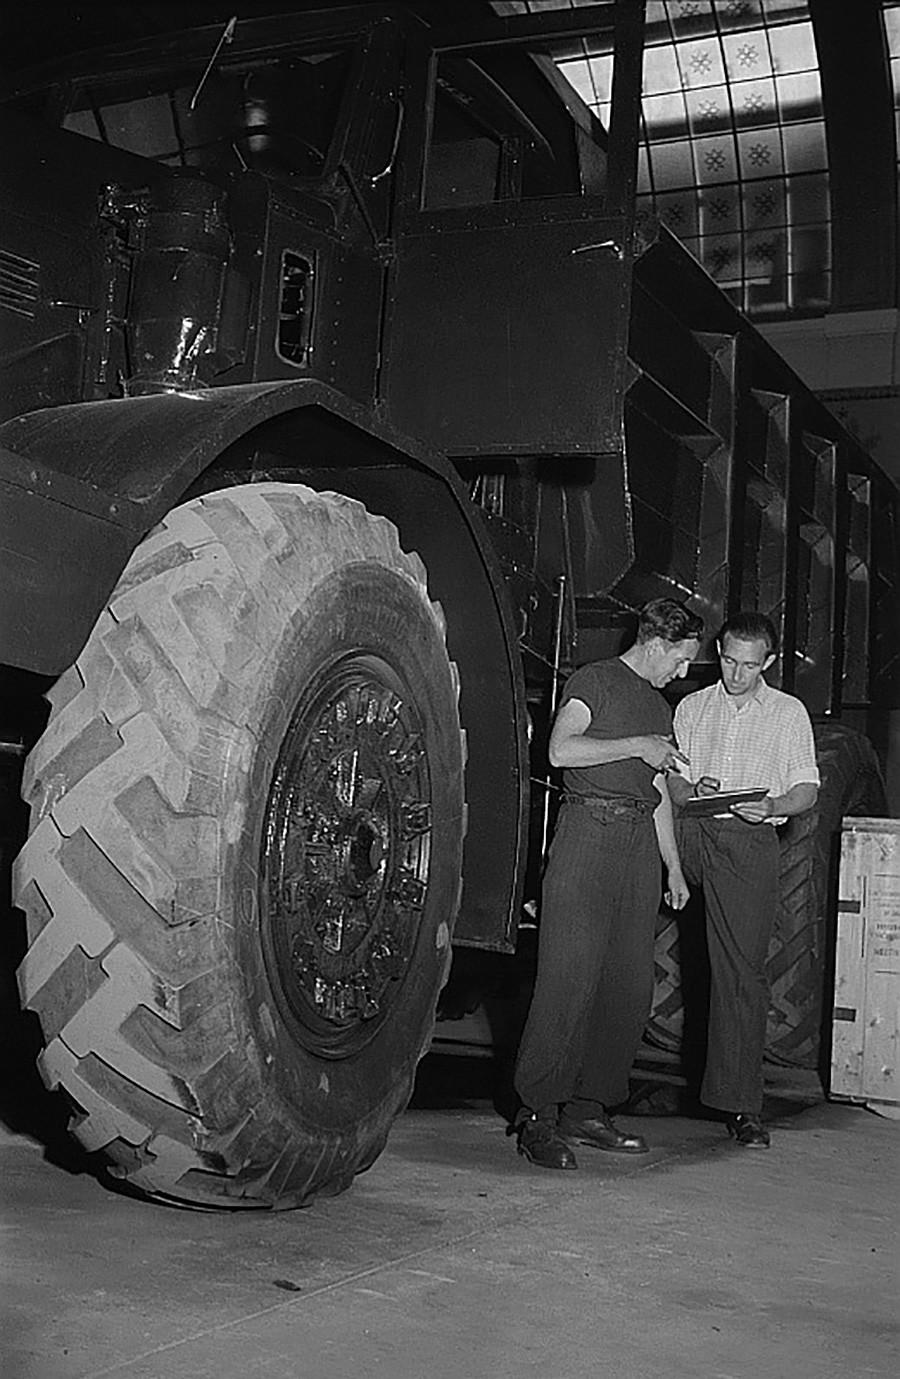 MAZ-525ダンプカーの車輪。1953年